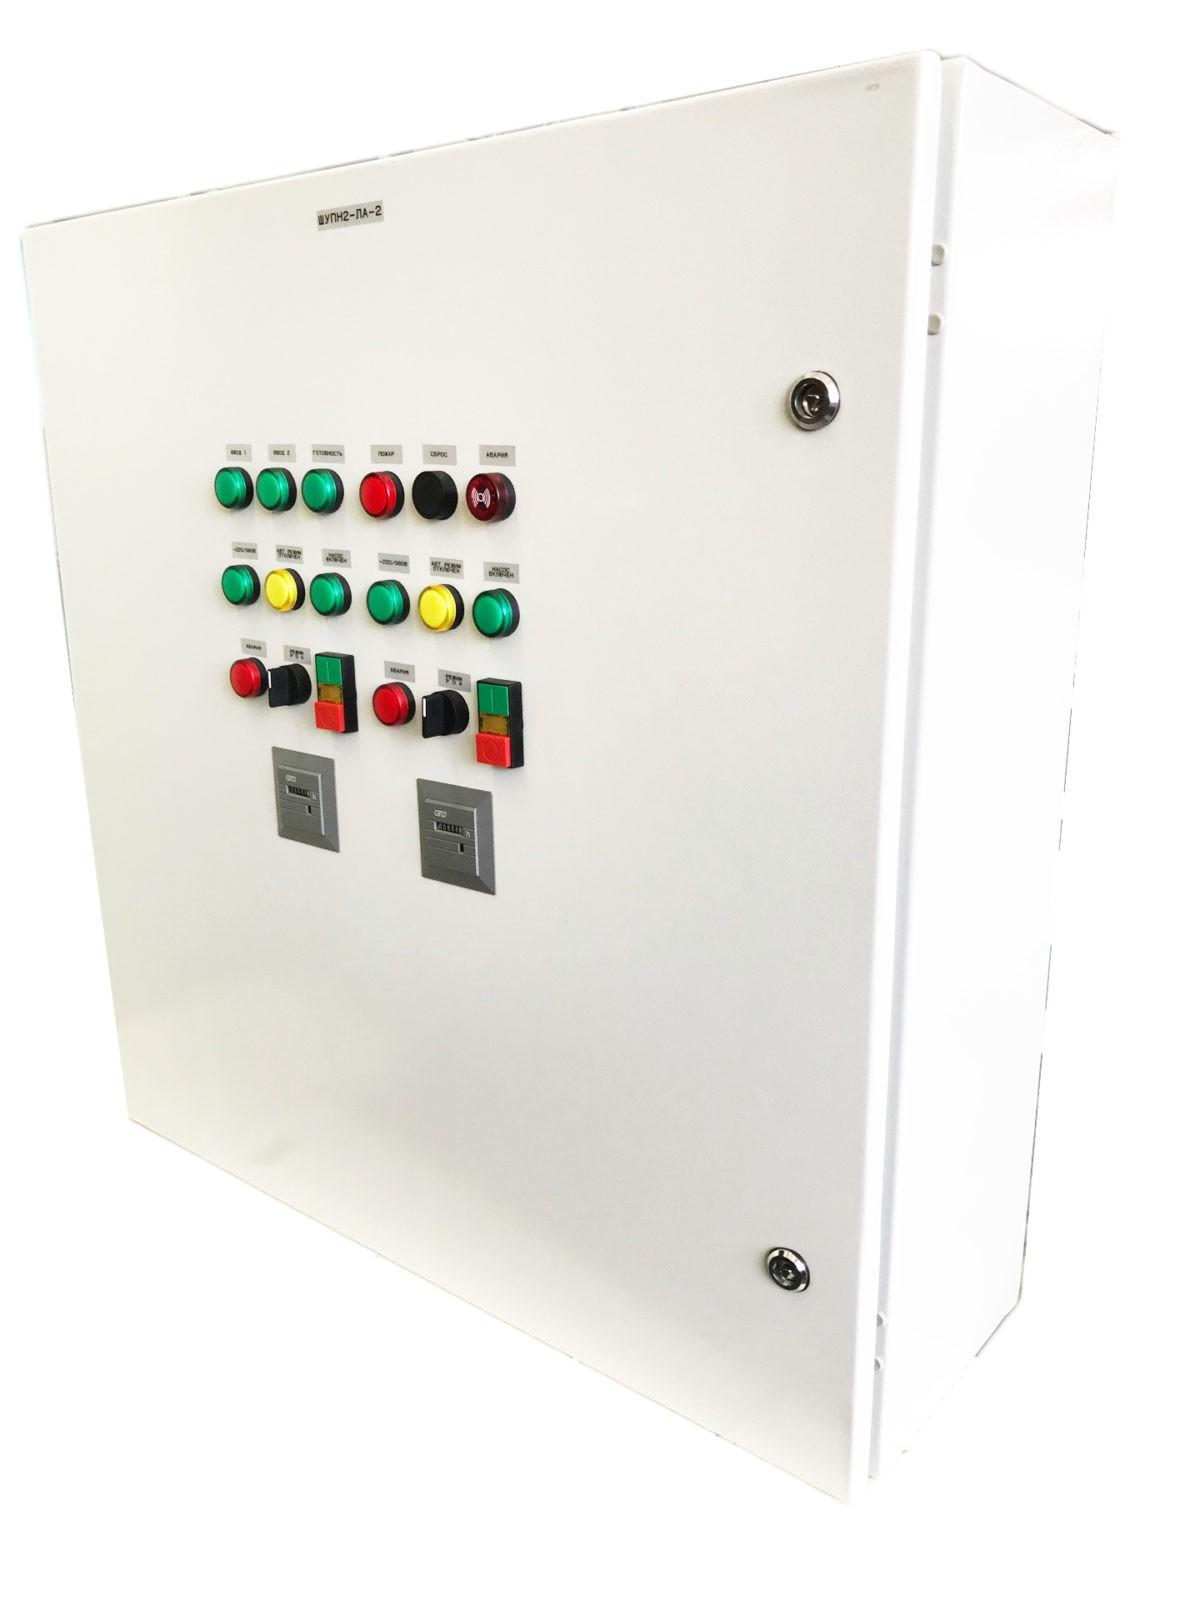 Шкаф управления пожарными насосами по схеме (Основной+Резервный+АВР) ШУПН2-4-АЛ (IP54)